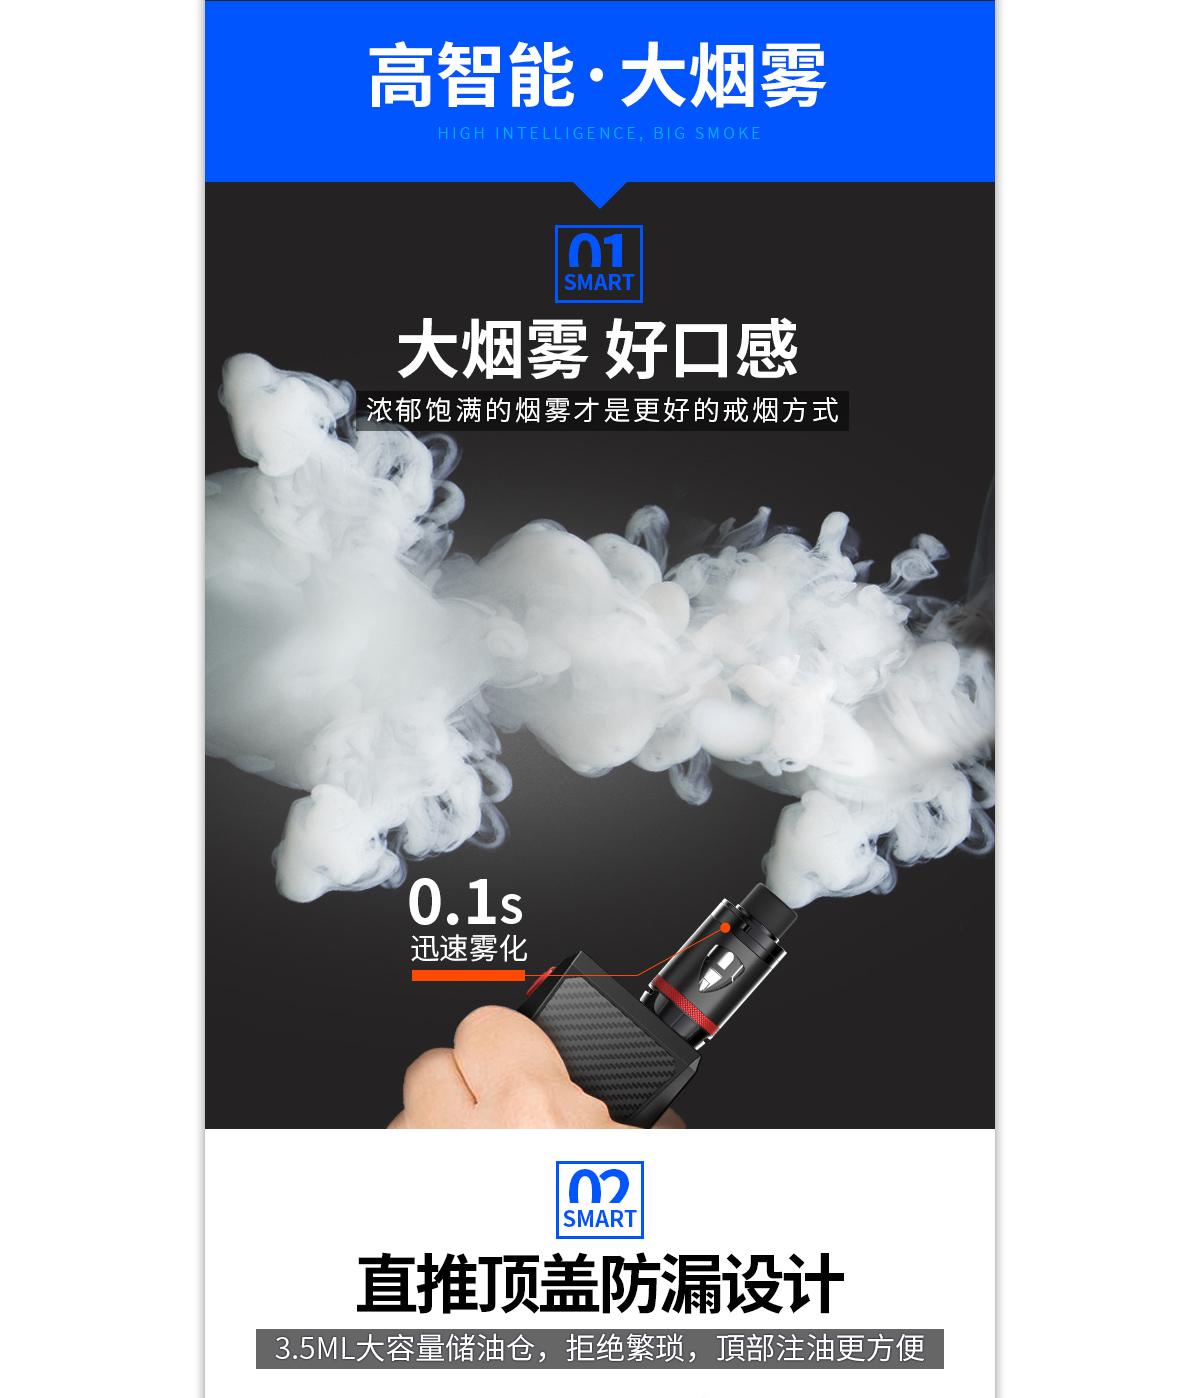 兰博基尼智能电子烟_02.jpg